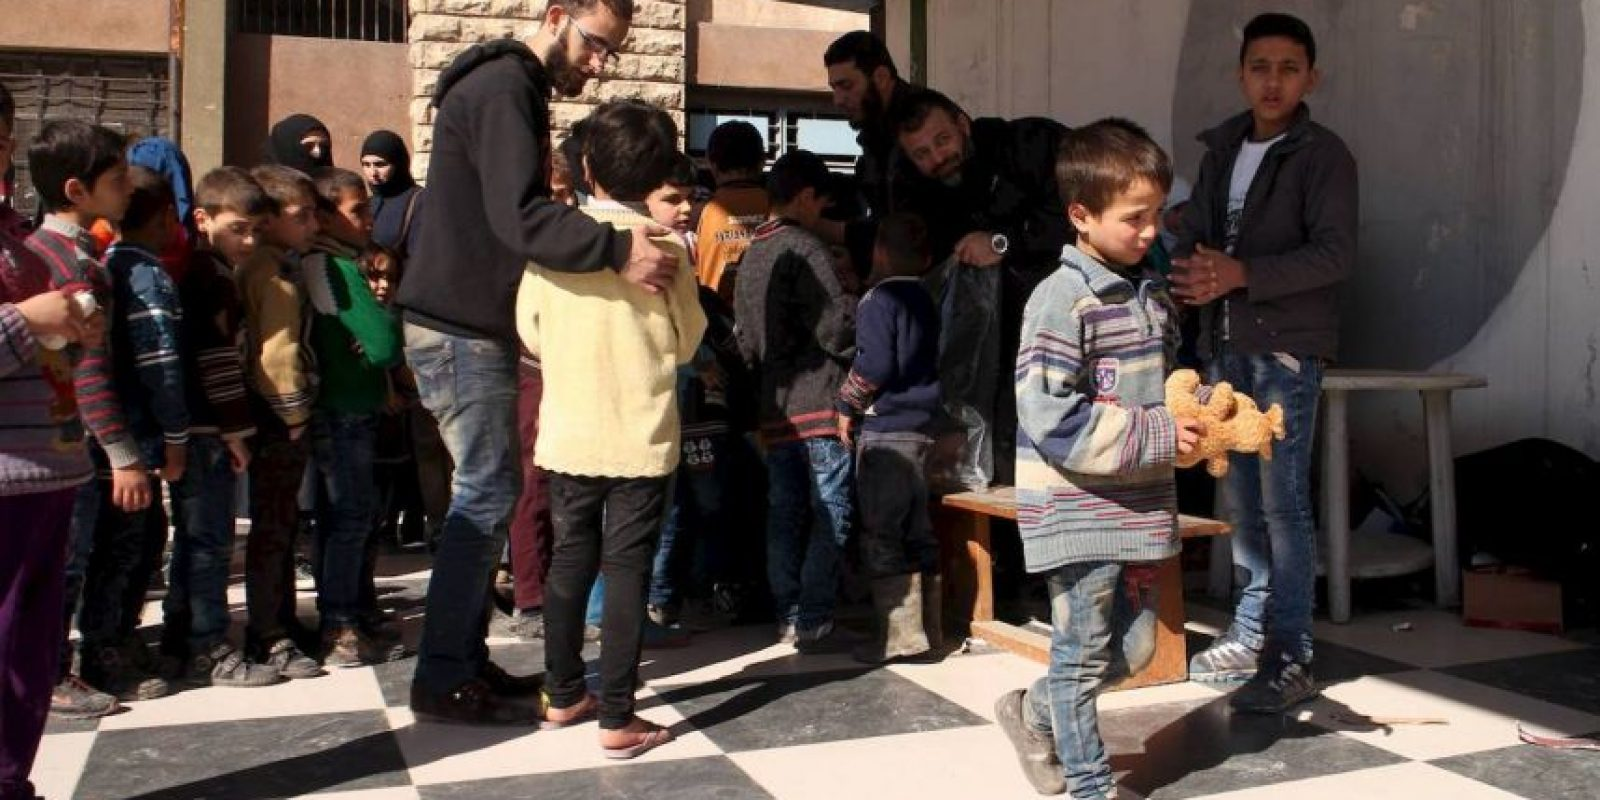 Y en campos de refugiados Foto:Facebook.com/ssyrelief